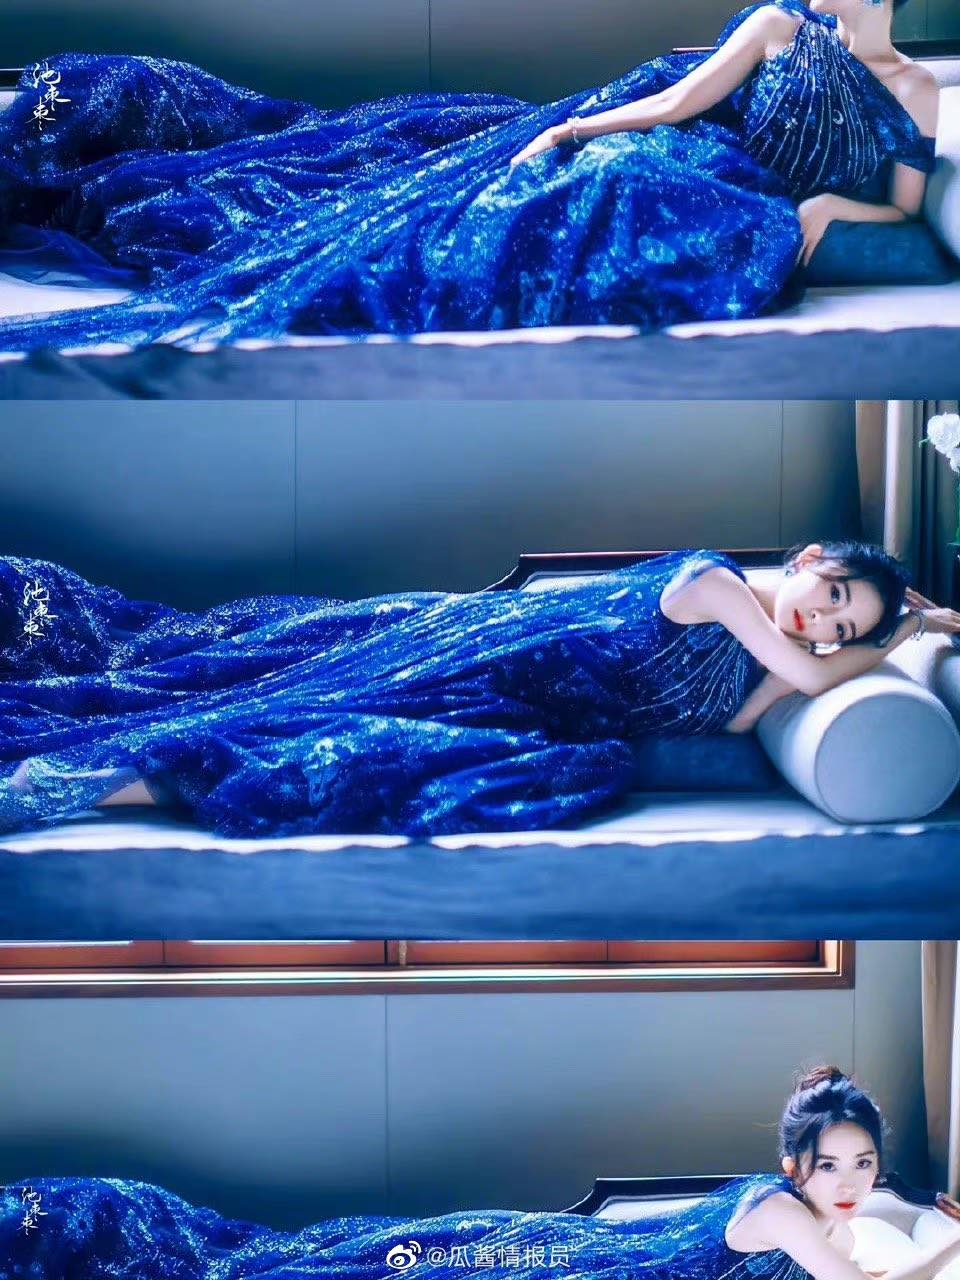 12 ngọc nữ Cbiz diễm lệ trong tạo hình 'mỹ nhân ngư': Nhiệt Ba, Dương Mịch nóng bỏng đến nghẹt thở, trùm cuối 'khó nhằn' 2